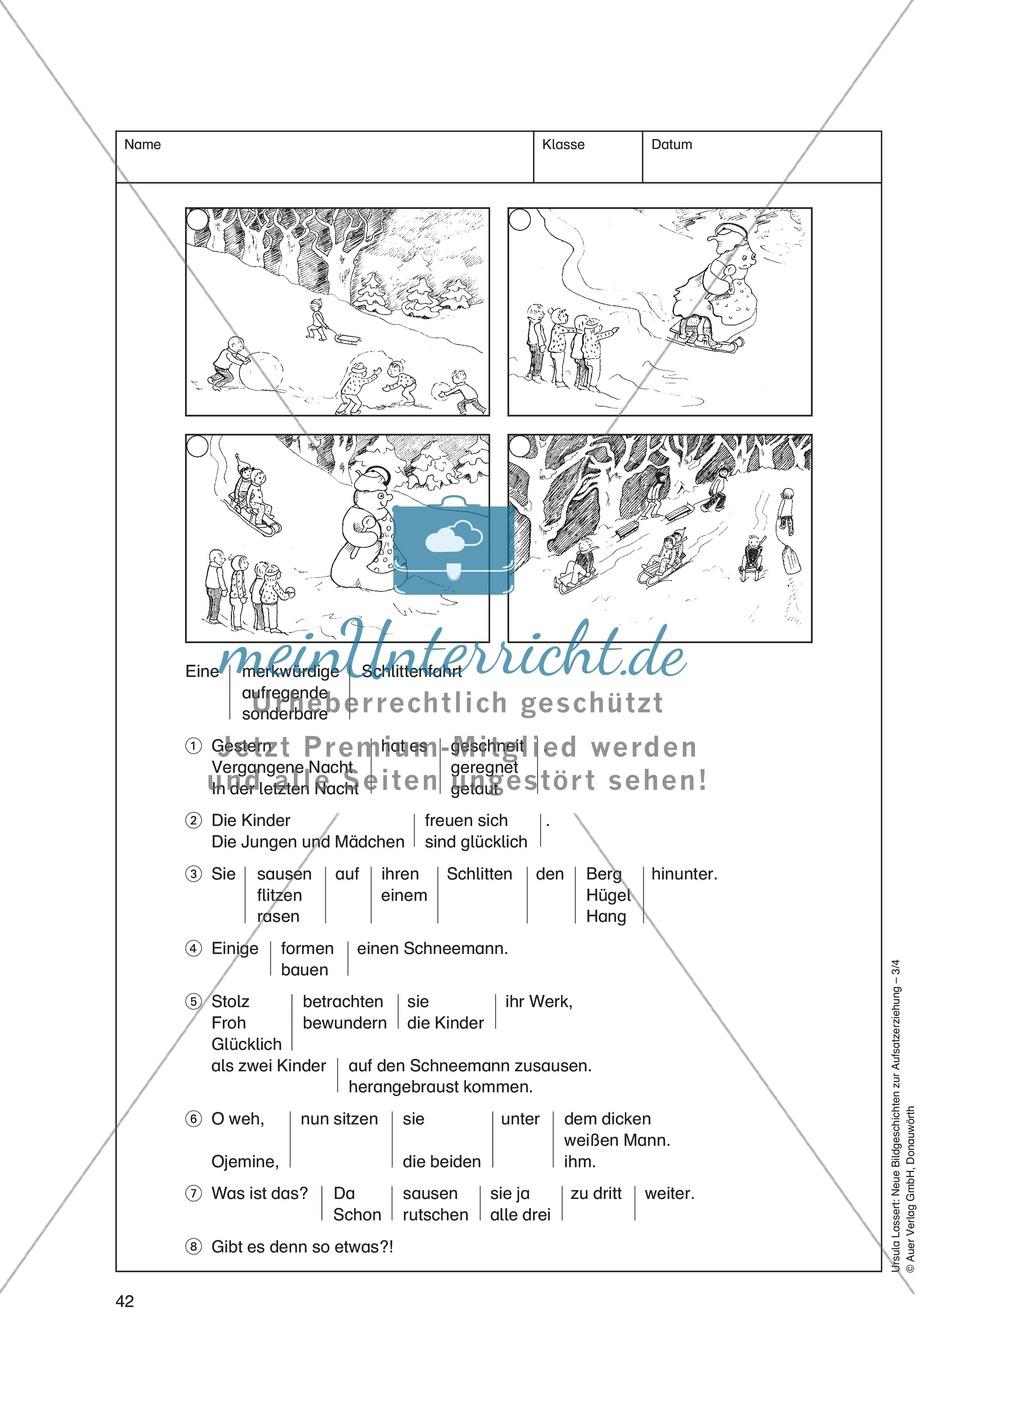 Bildergeschichten im DU - Eine aufregende Schlittenfahrt: Arbeitsblätter Preview 2